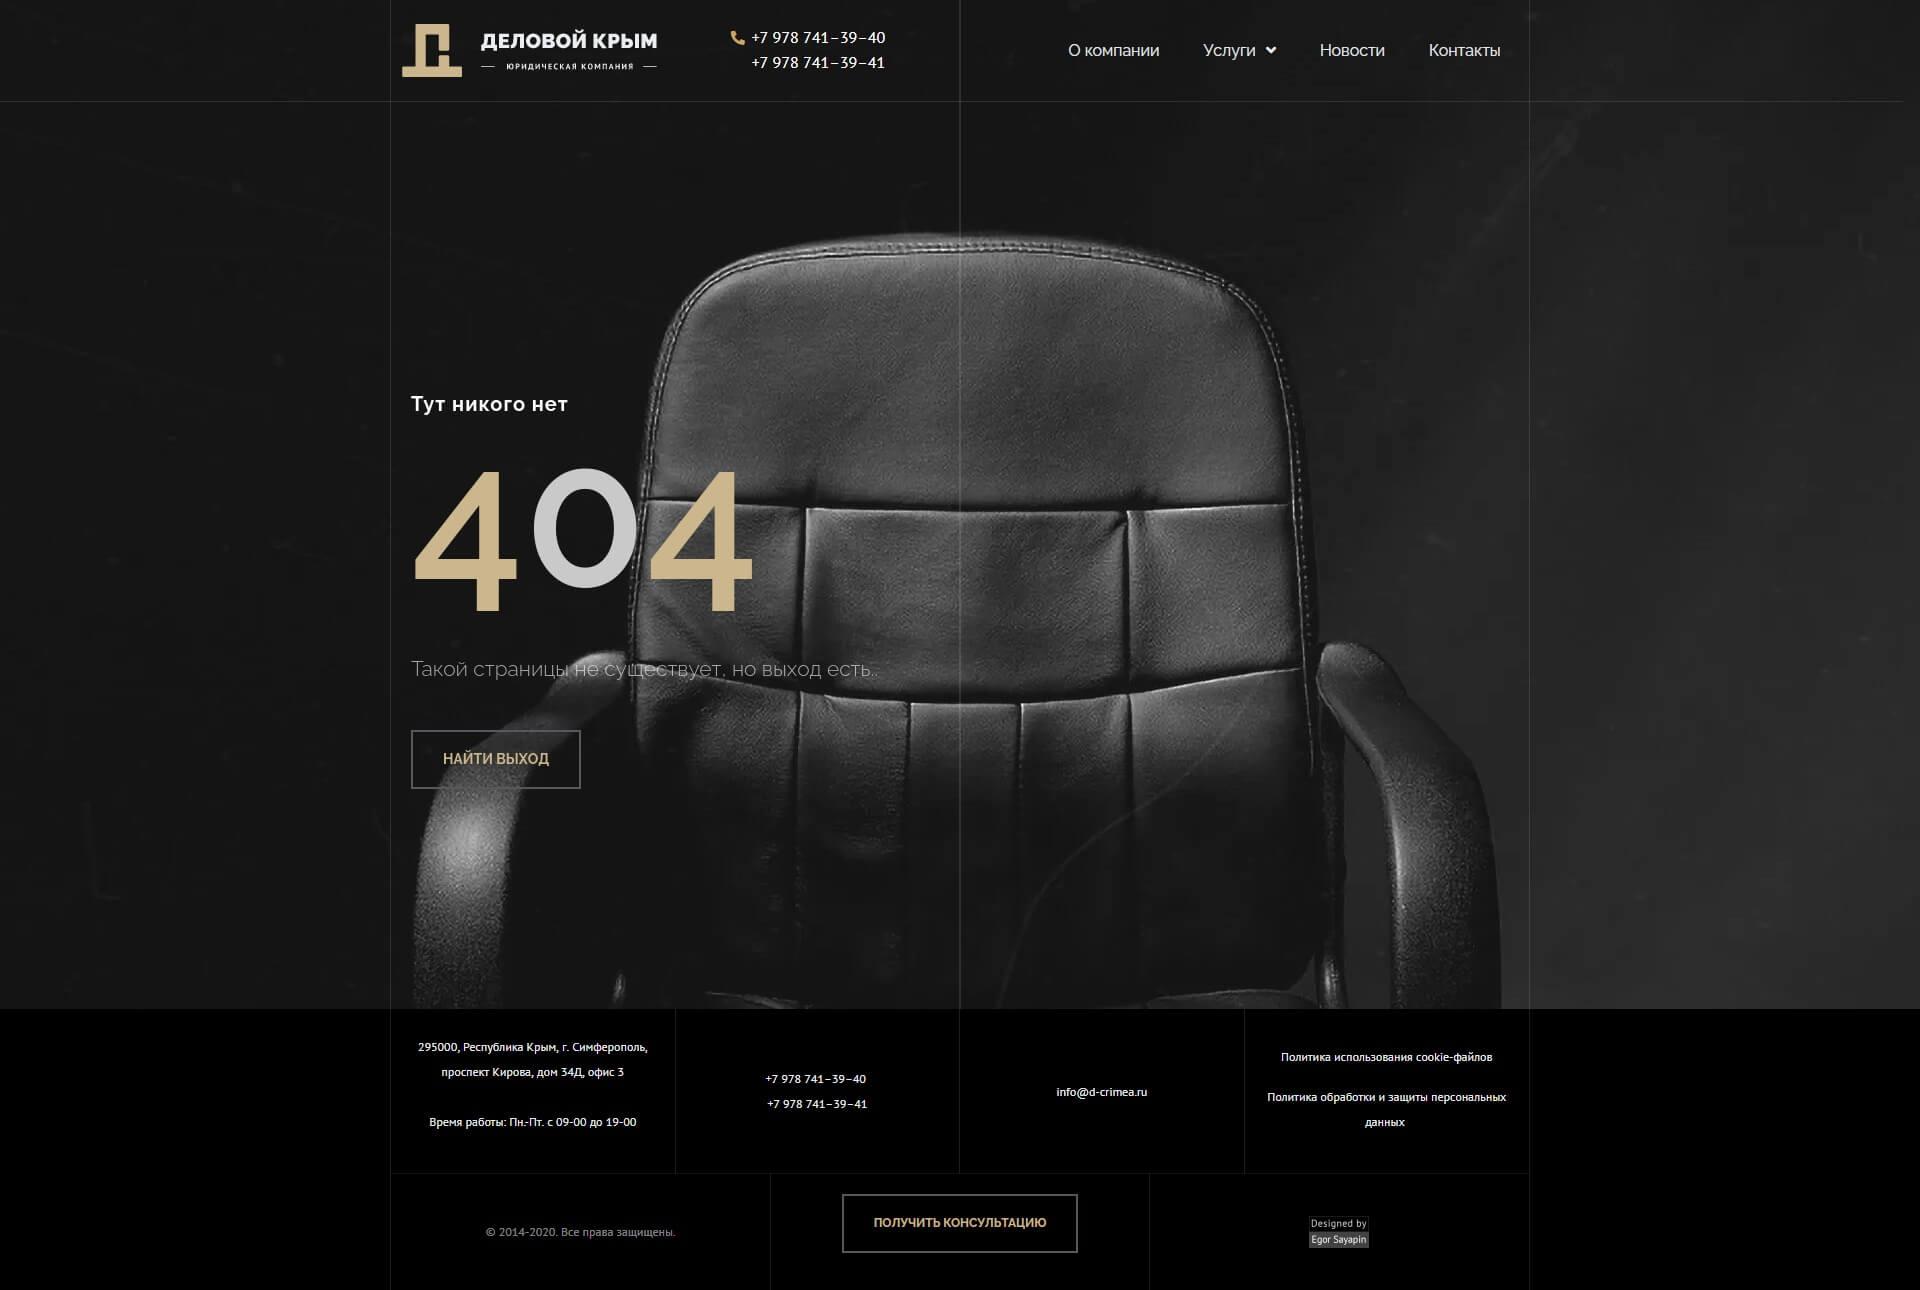 """Корпоративный сайт """"Деловой Крым"""" 404"""